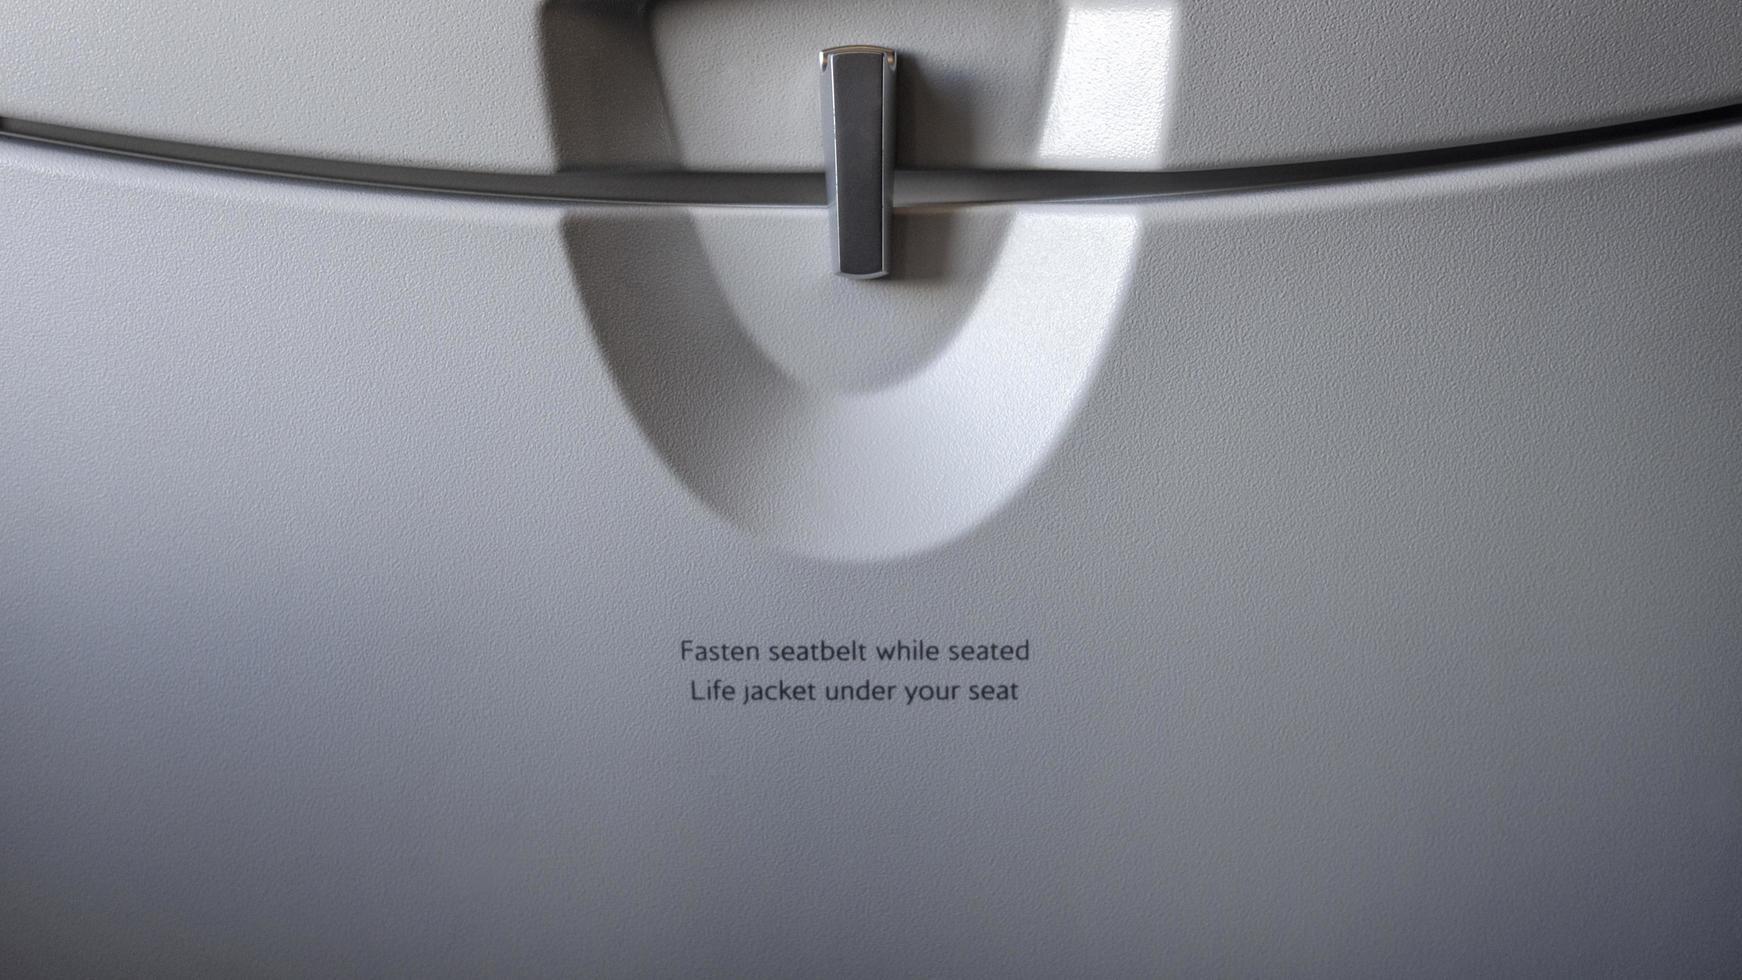 mesa de bandeja de avión con una etiqueta de advertencia foto